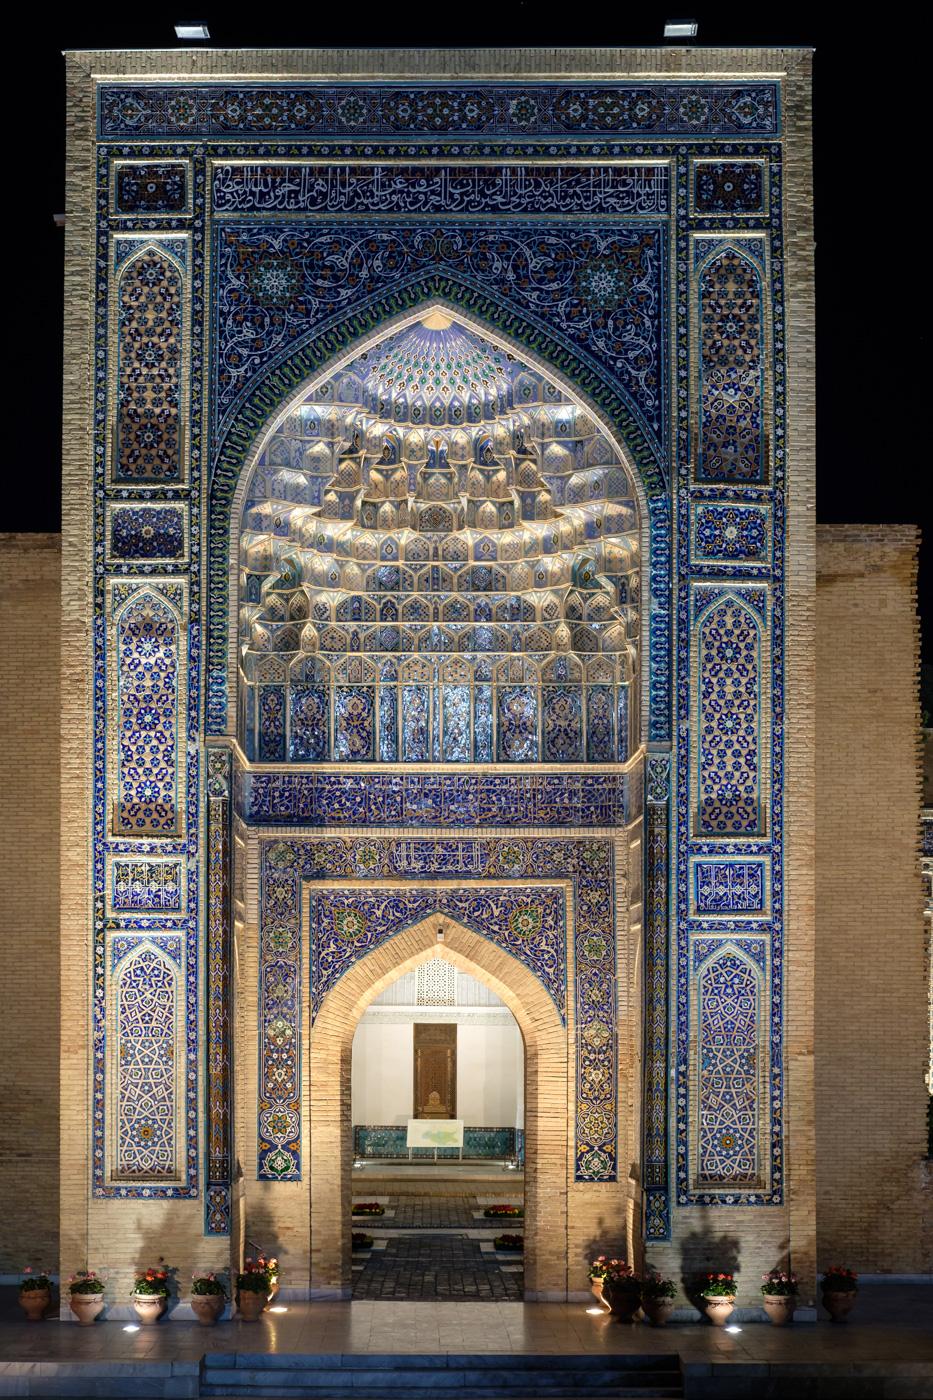 Usbekistan, Zentrum der Seidenstraße - Nächtlich beleuchtetes Eingangsportal des Gur-Emir-Mausoleums.